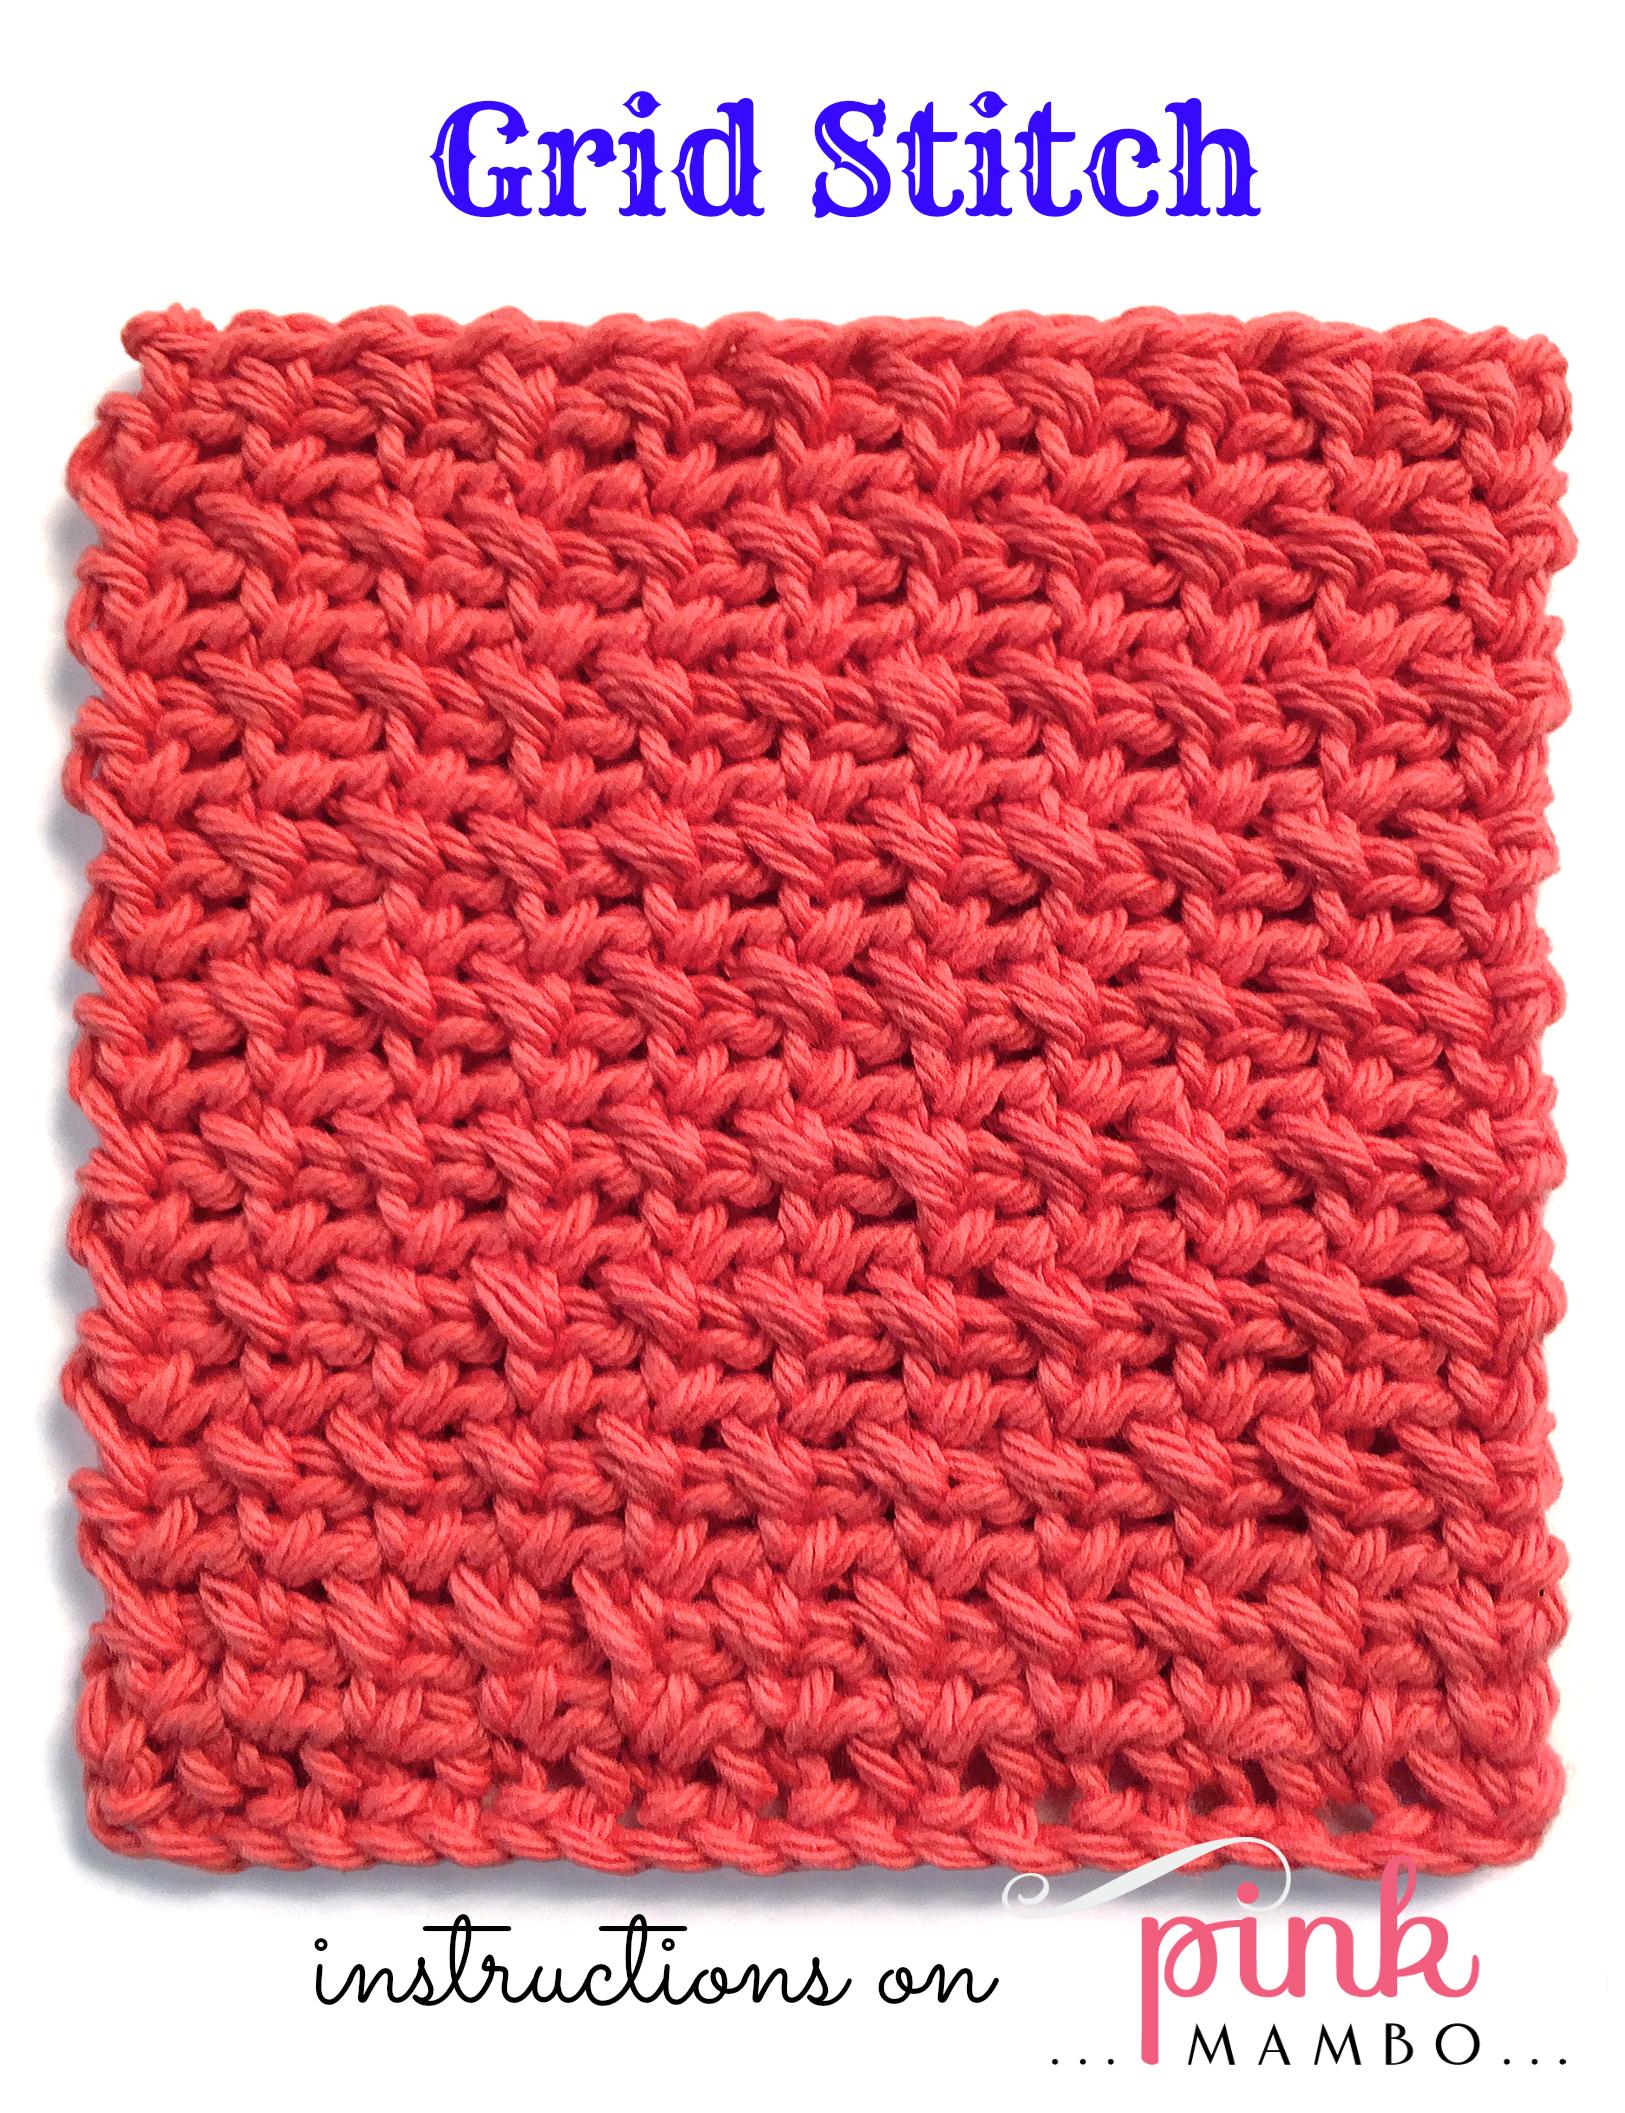 Crochet Grid Stitch Pattern Pink Mambo Squarecrochetmotifpatterndiagram